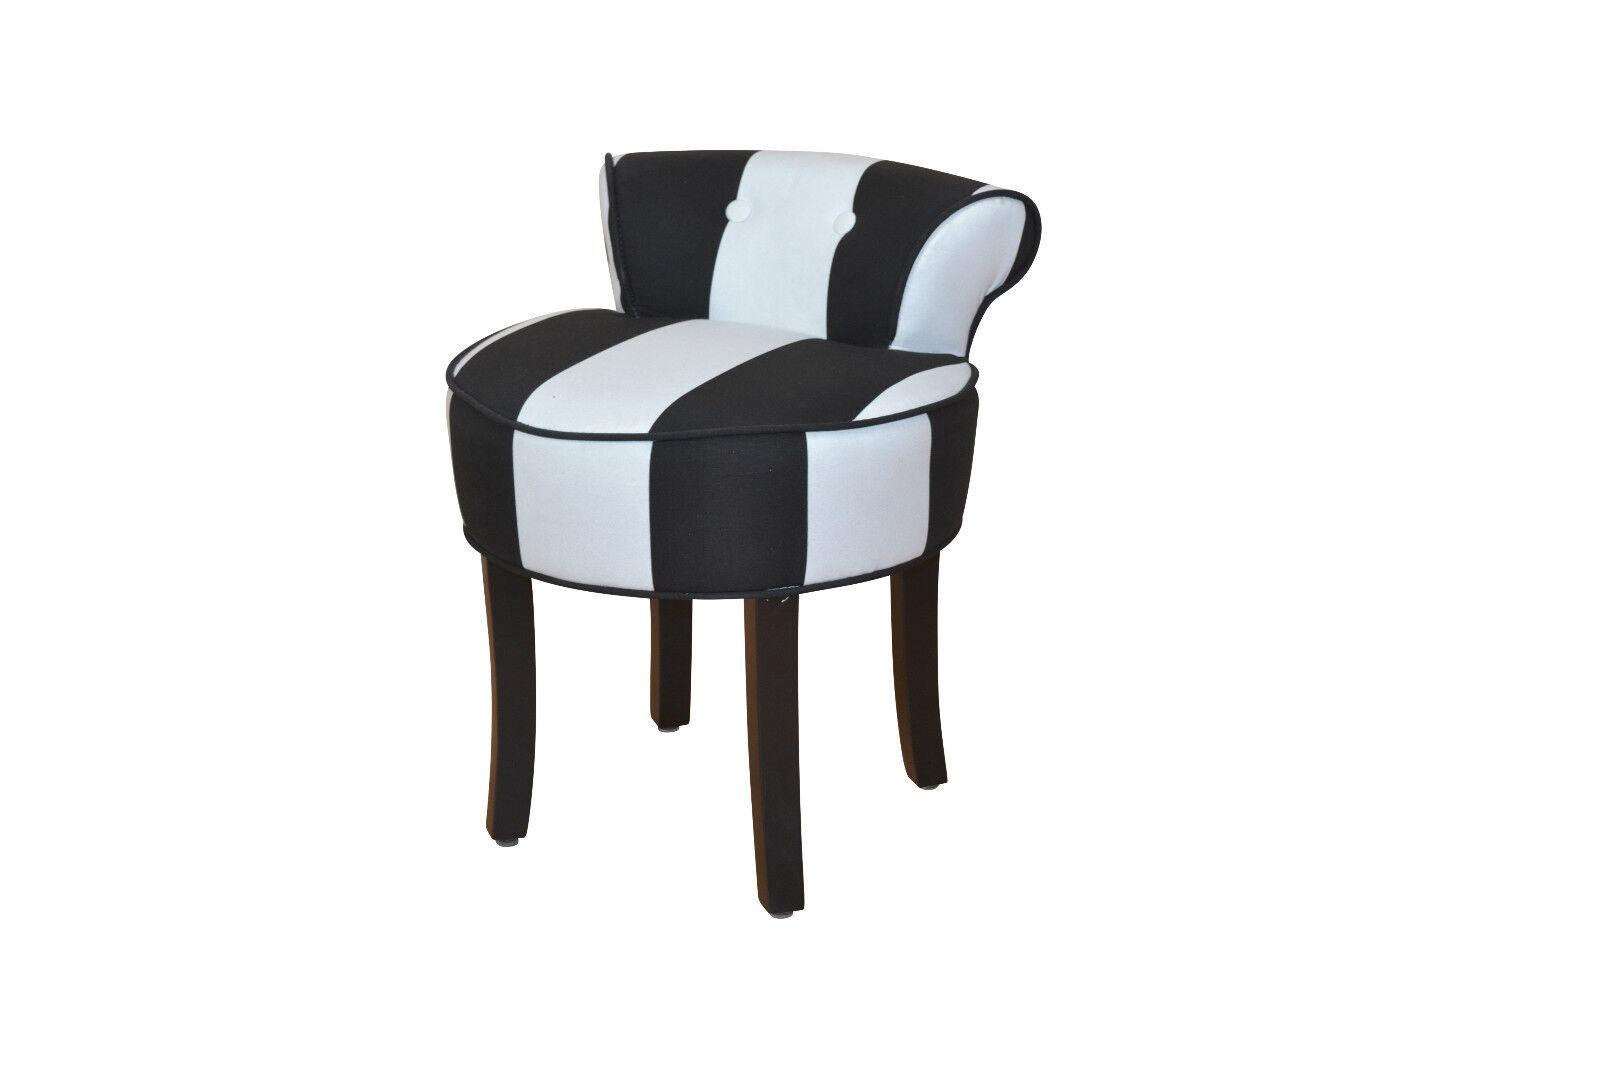 Hocker modern stoff  Sitzhocker Stoff schwarz weiß Hocker Sitz Rückenlehne massiv modern ...